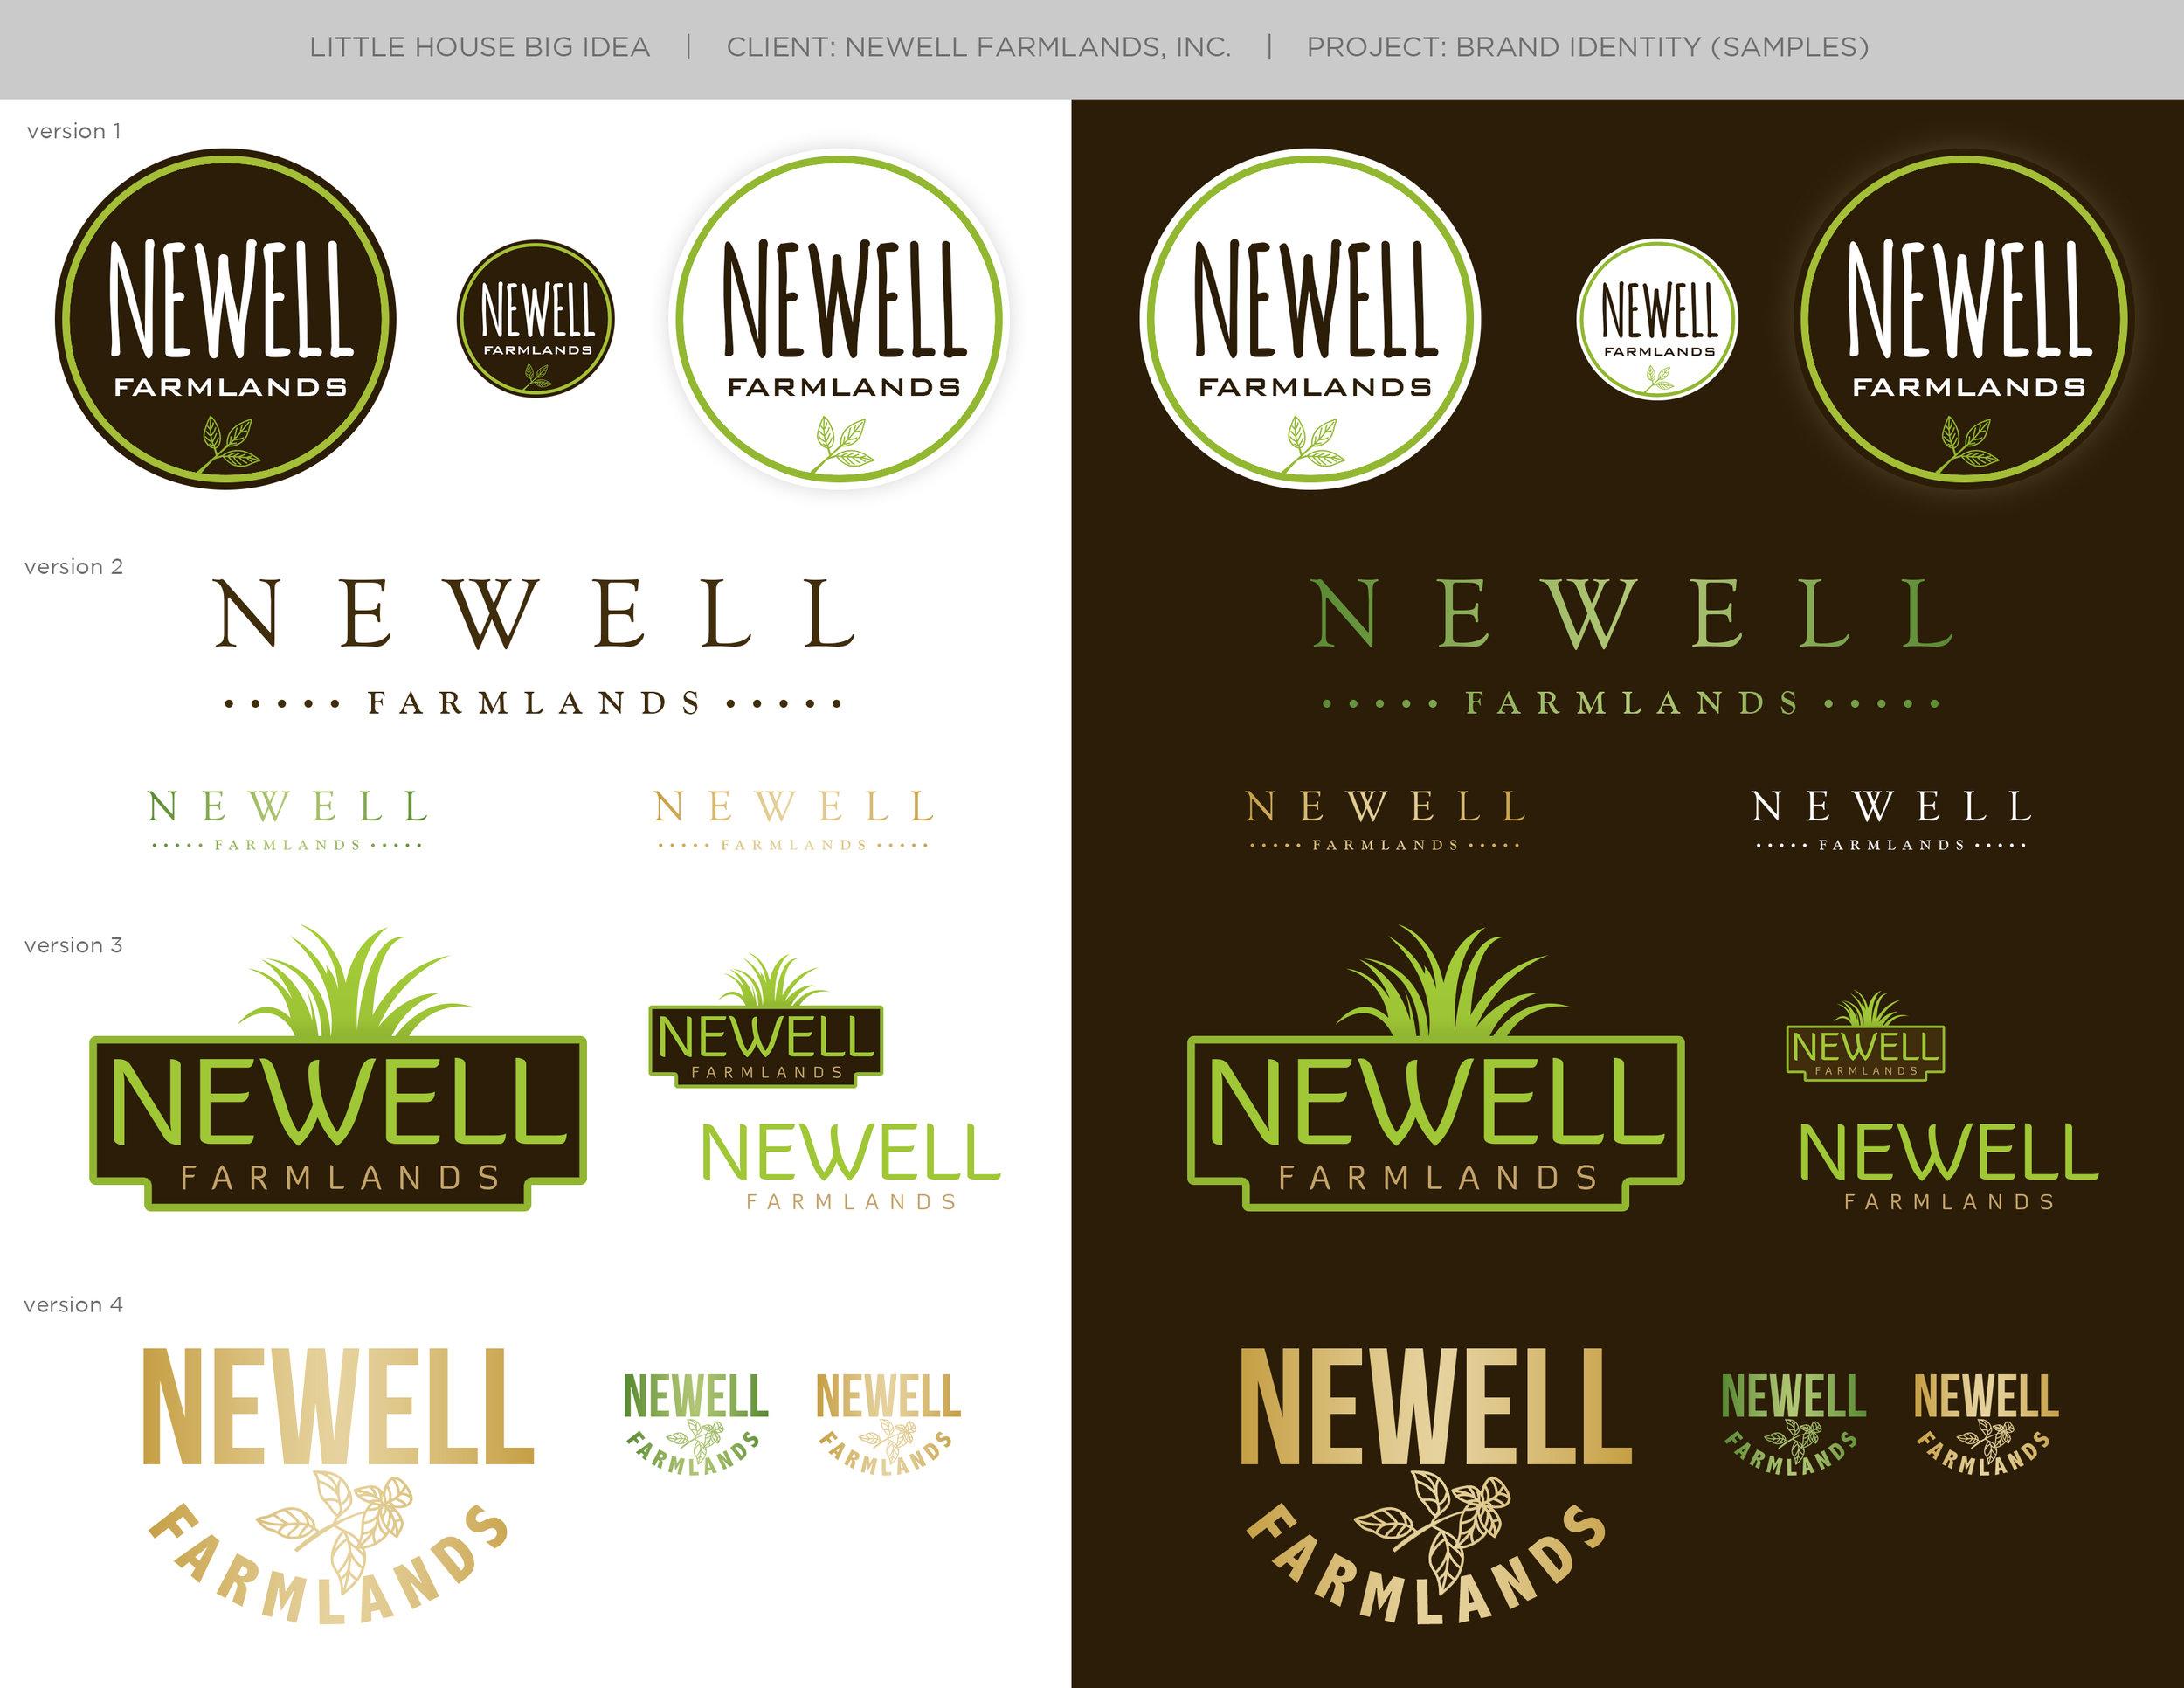 LHBI_NewellFarmlands_LogoSamples_01.26.17.jpg